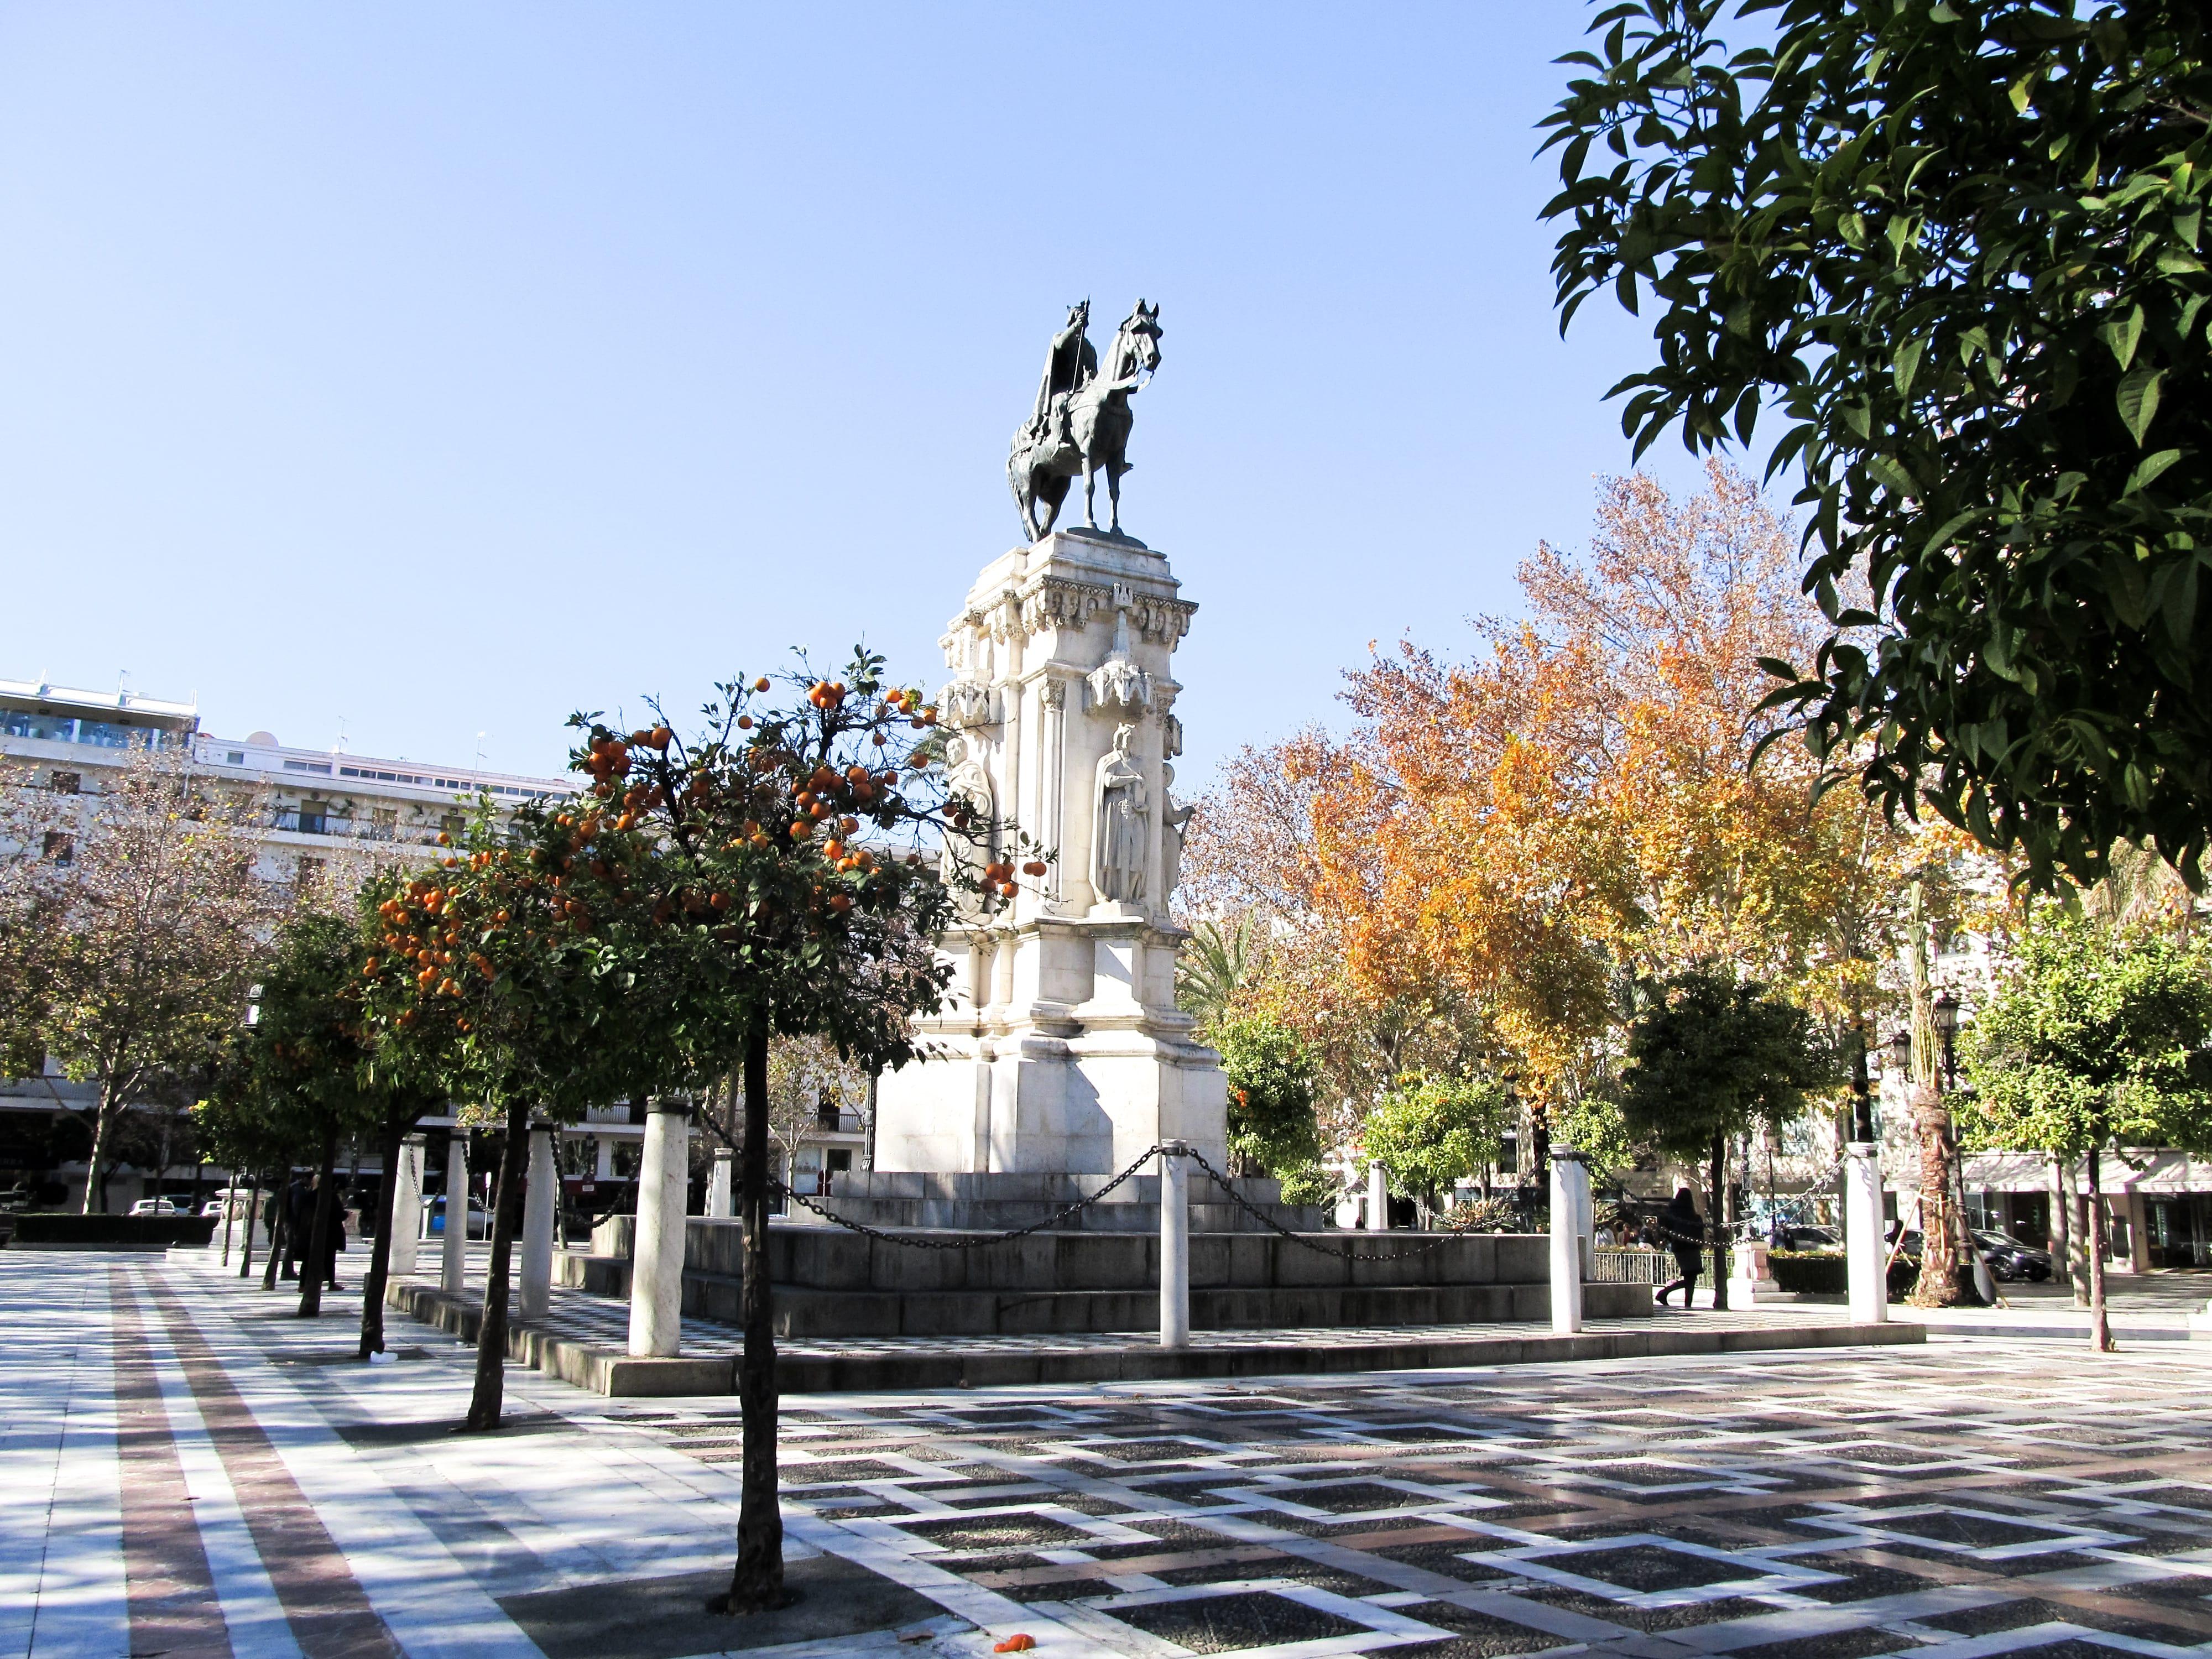 Retrouvez ici toutes les informations pour organiser votre long week-end à Séville, en Andalousie.